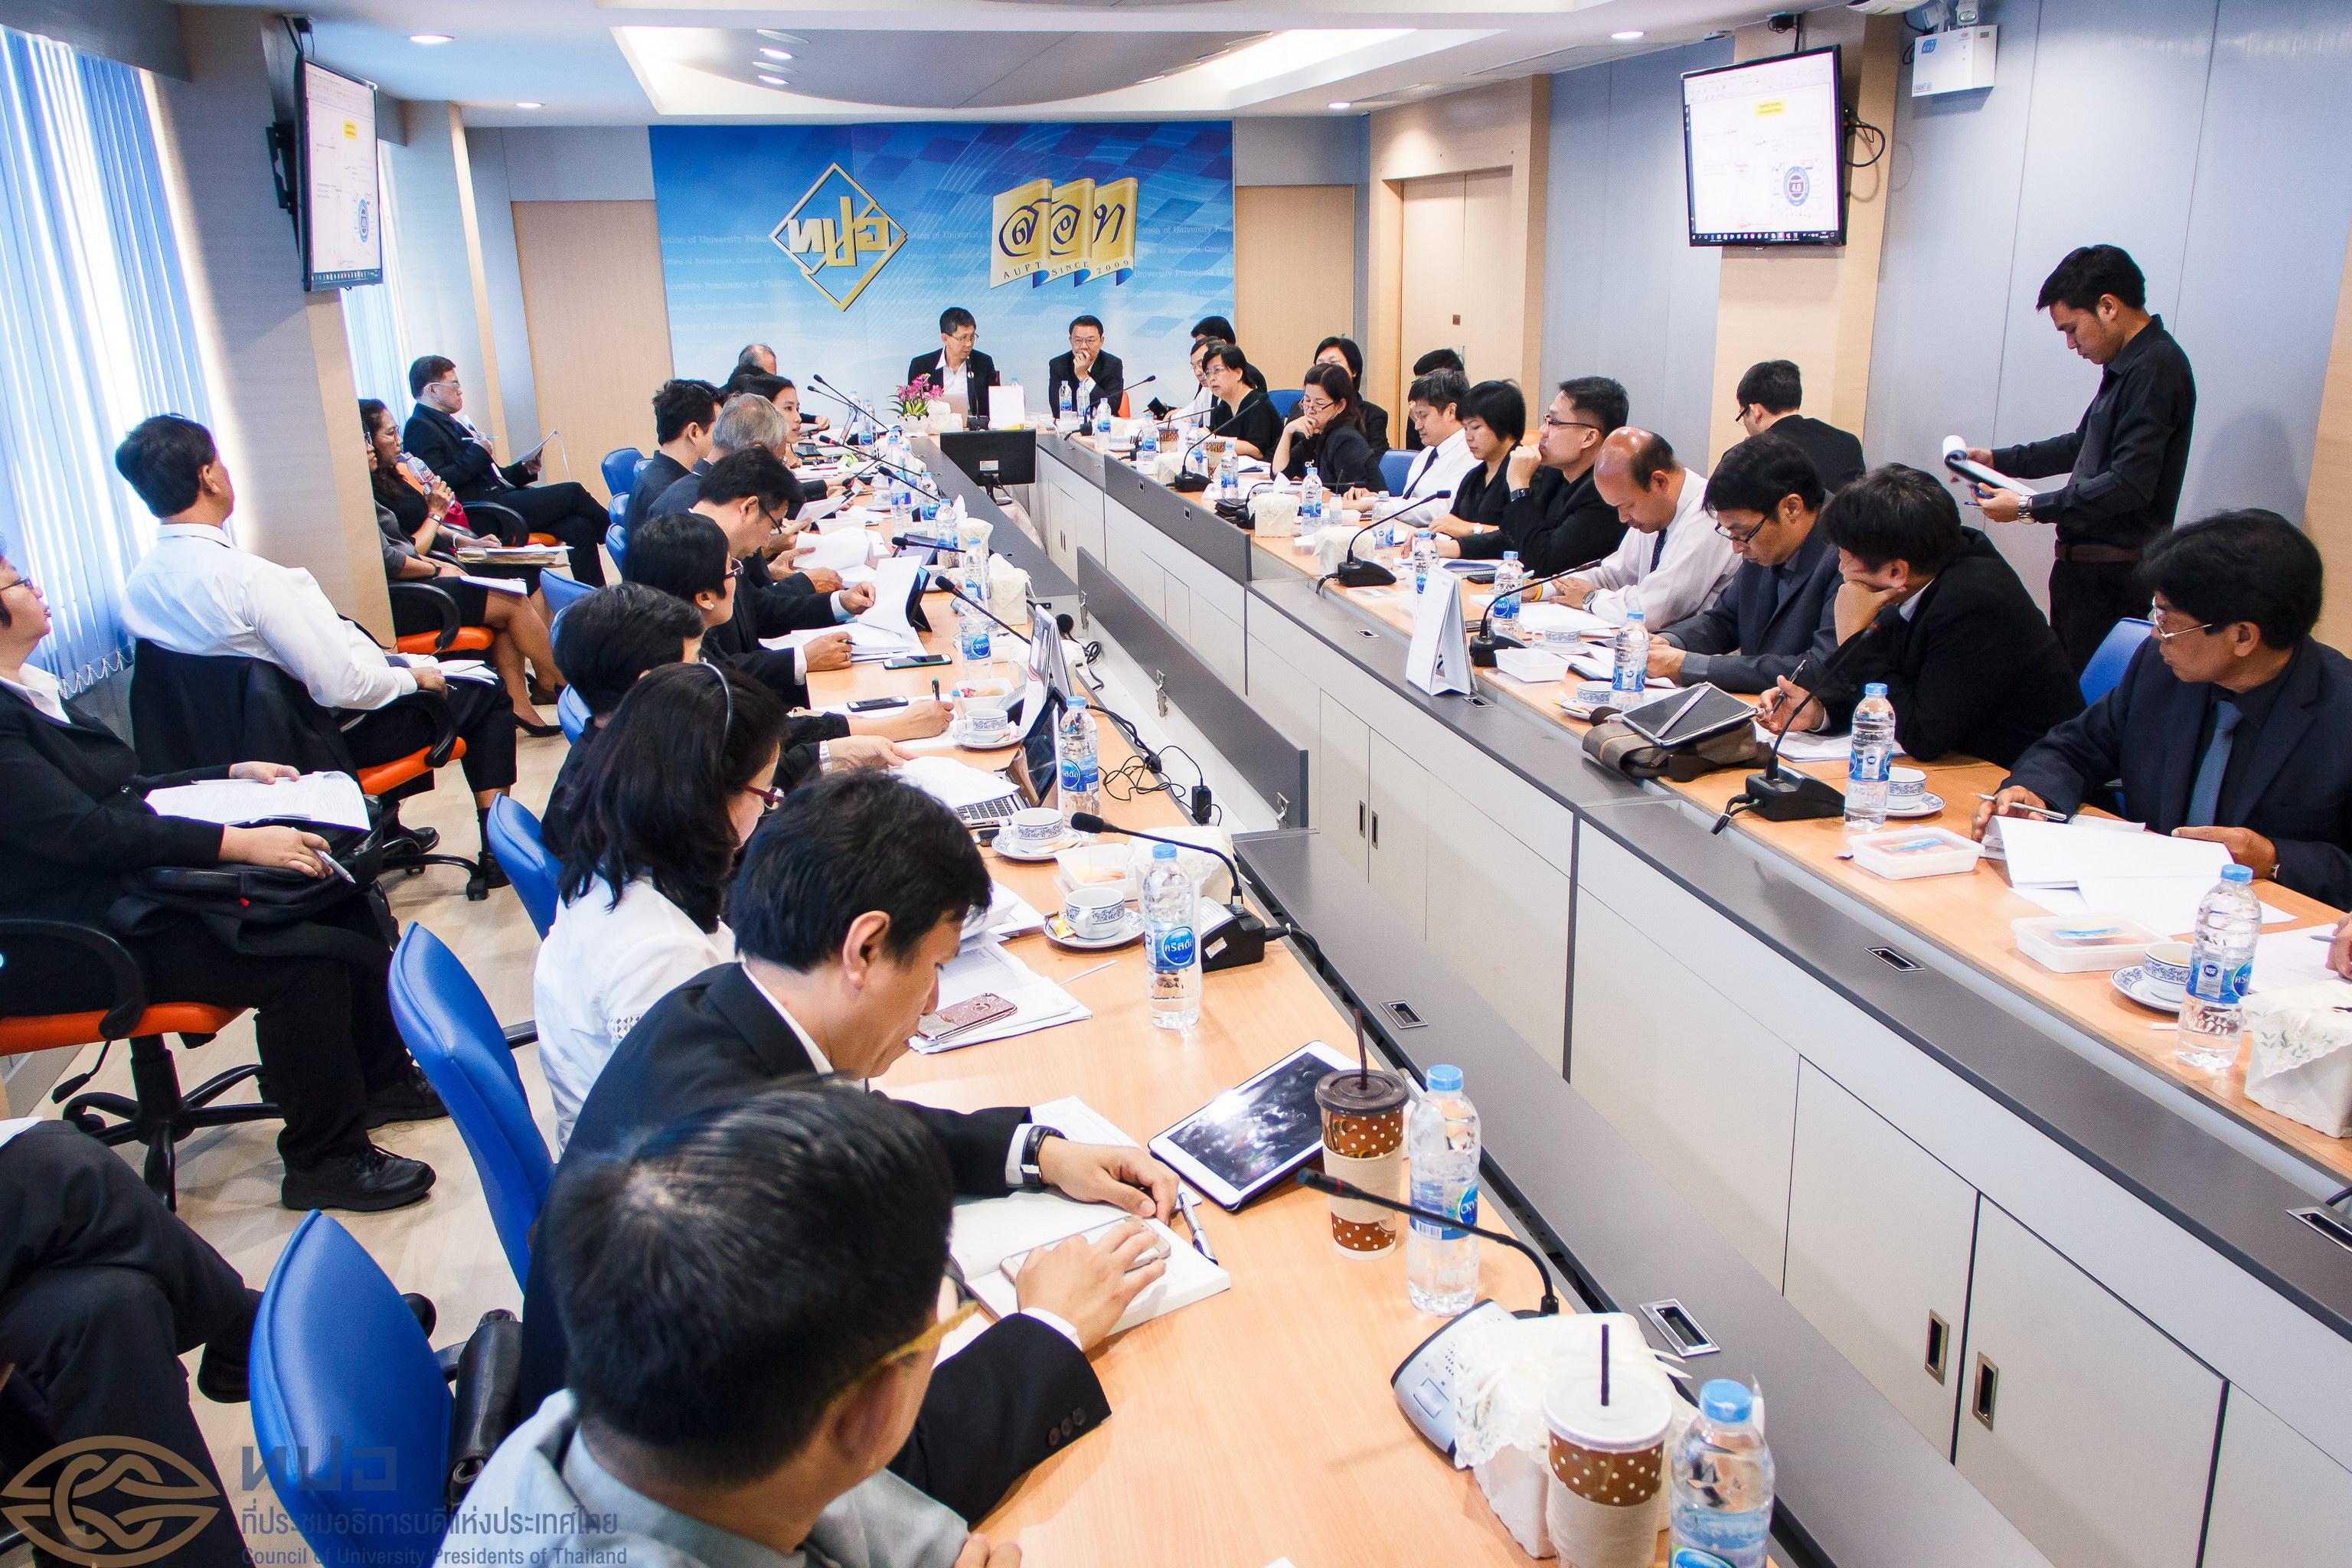 การประชุมคณะกรรมการวิจัยและนวัตกรรม ครั้งที่ 2/2560